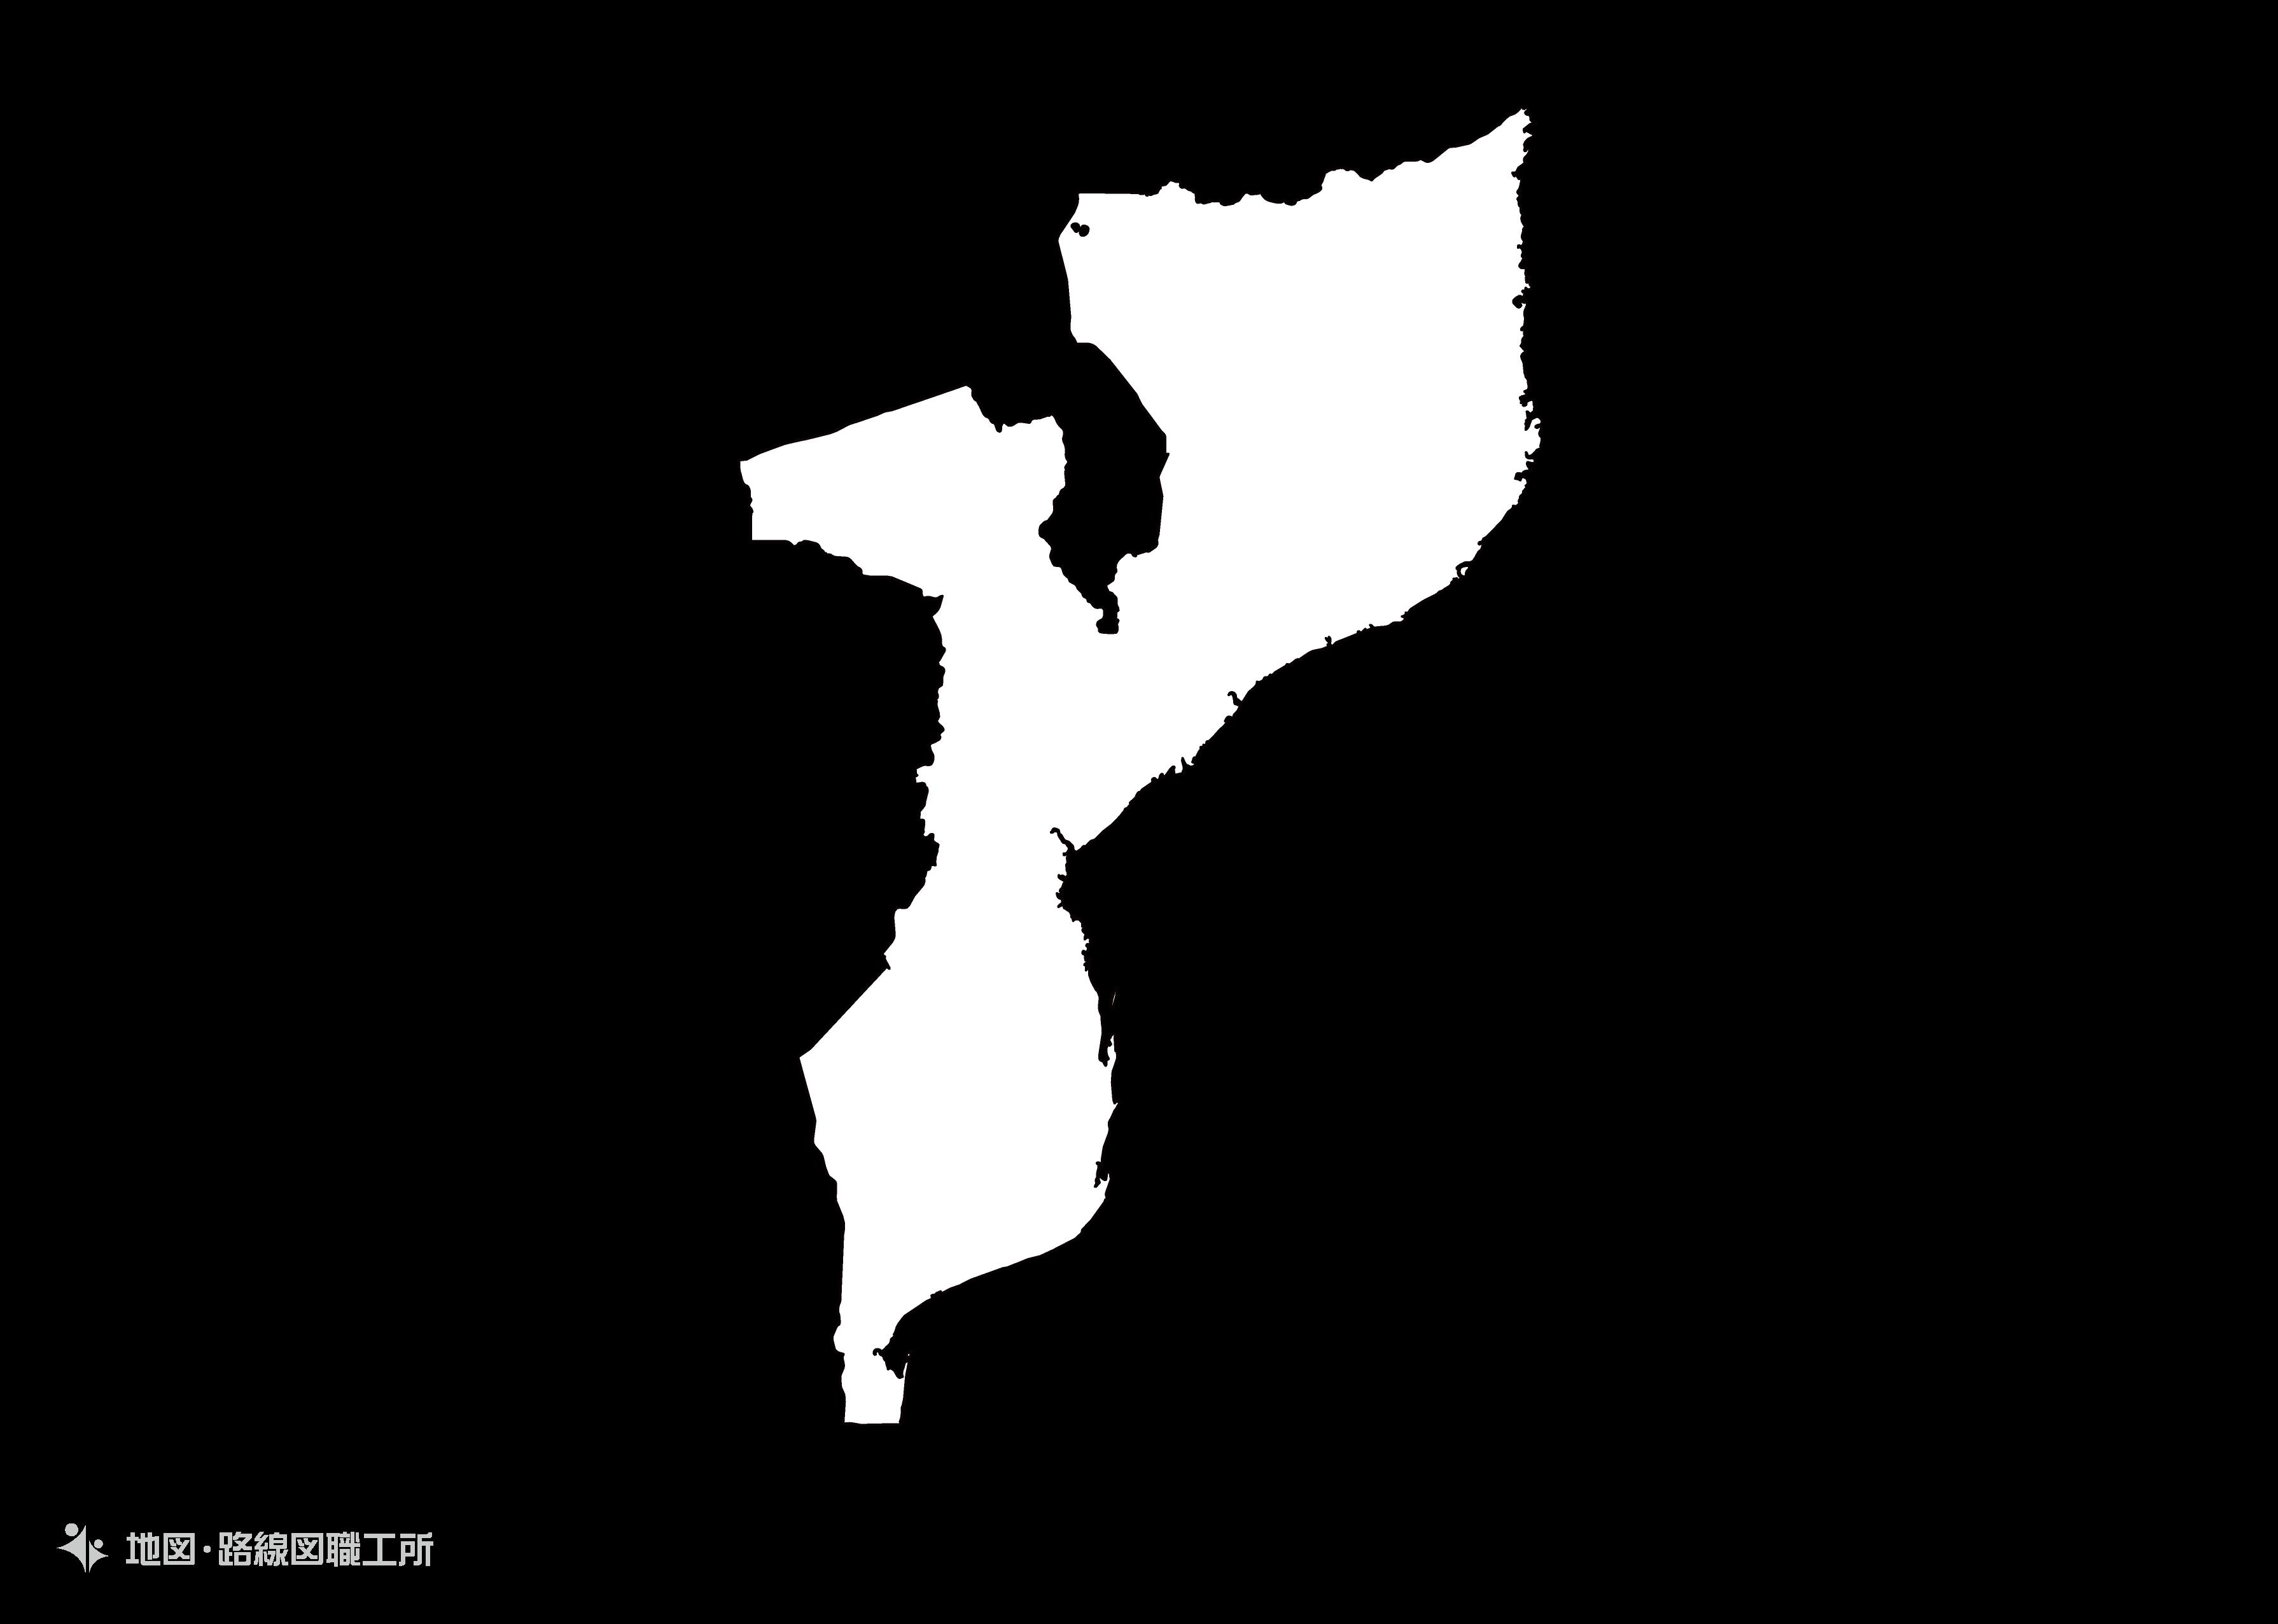 世界の白地図 モザンビーク共和国 republic-of-mozambique map